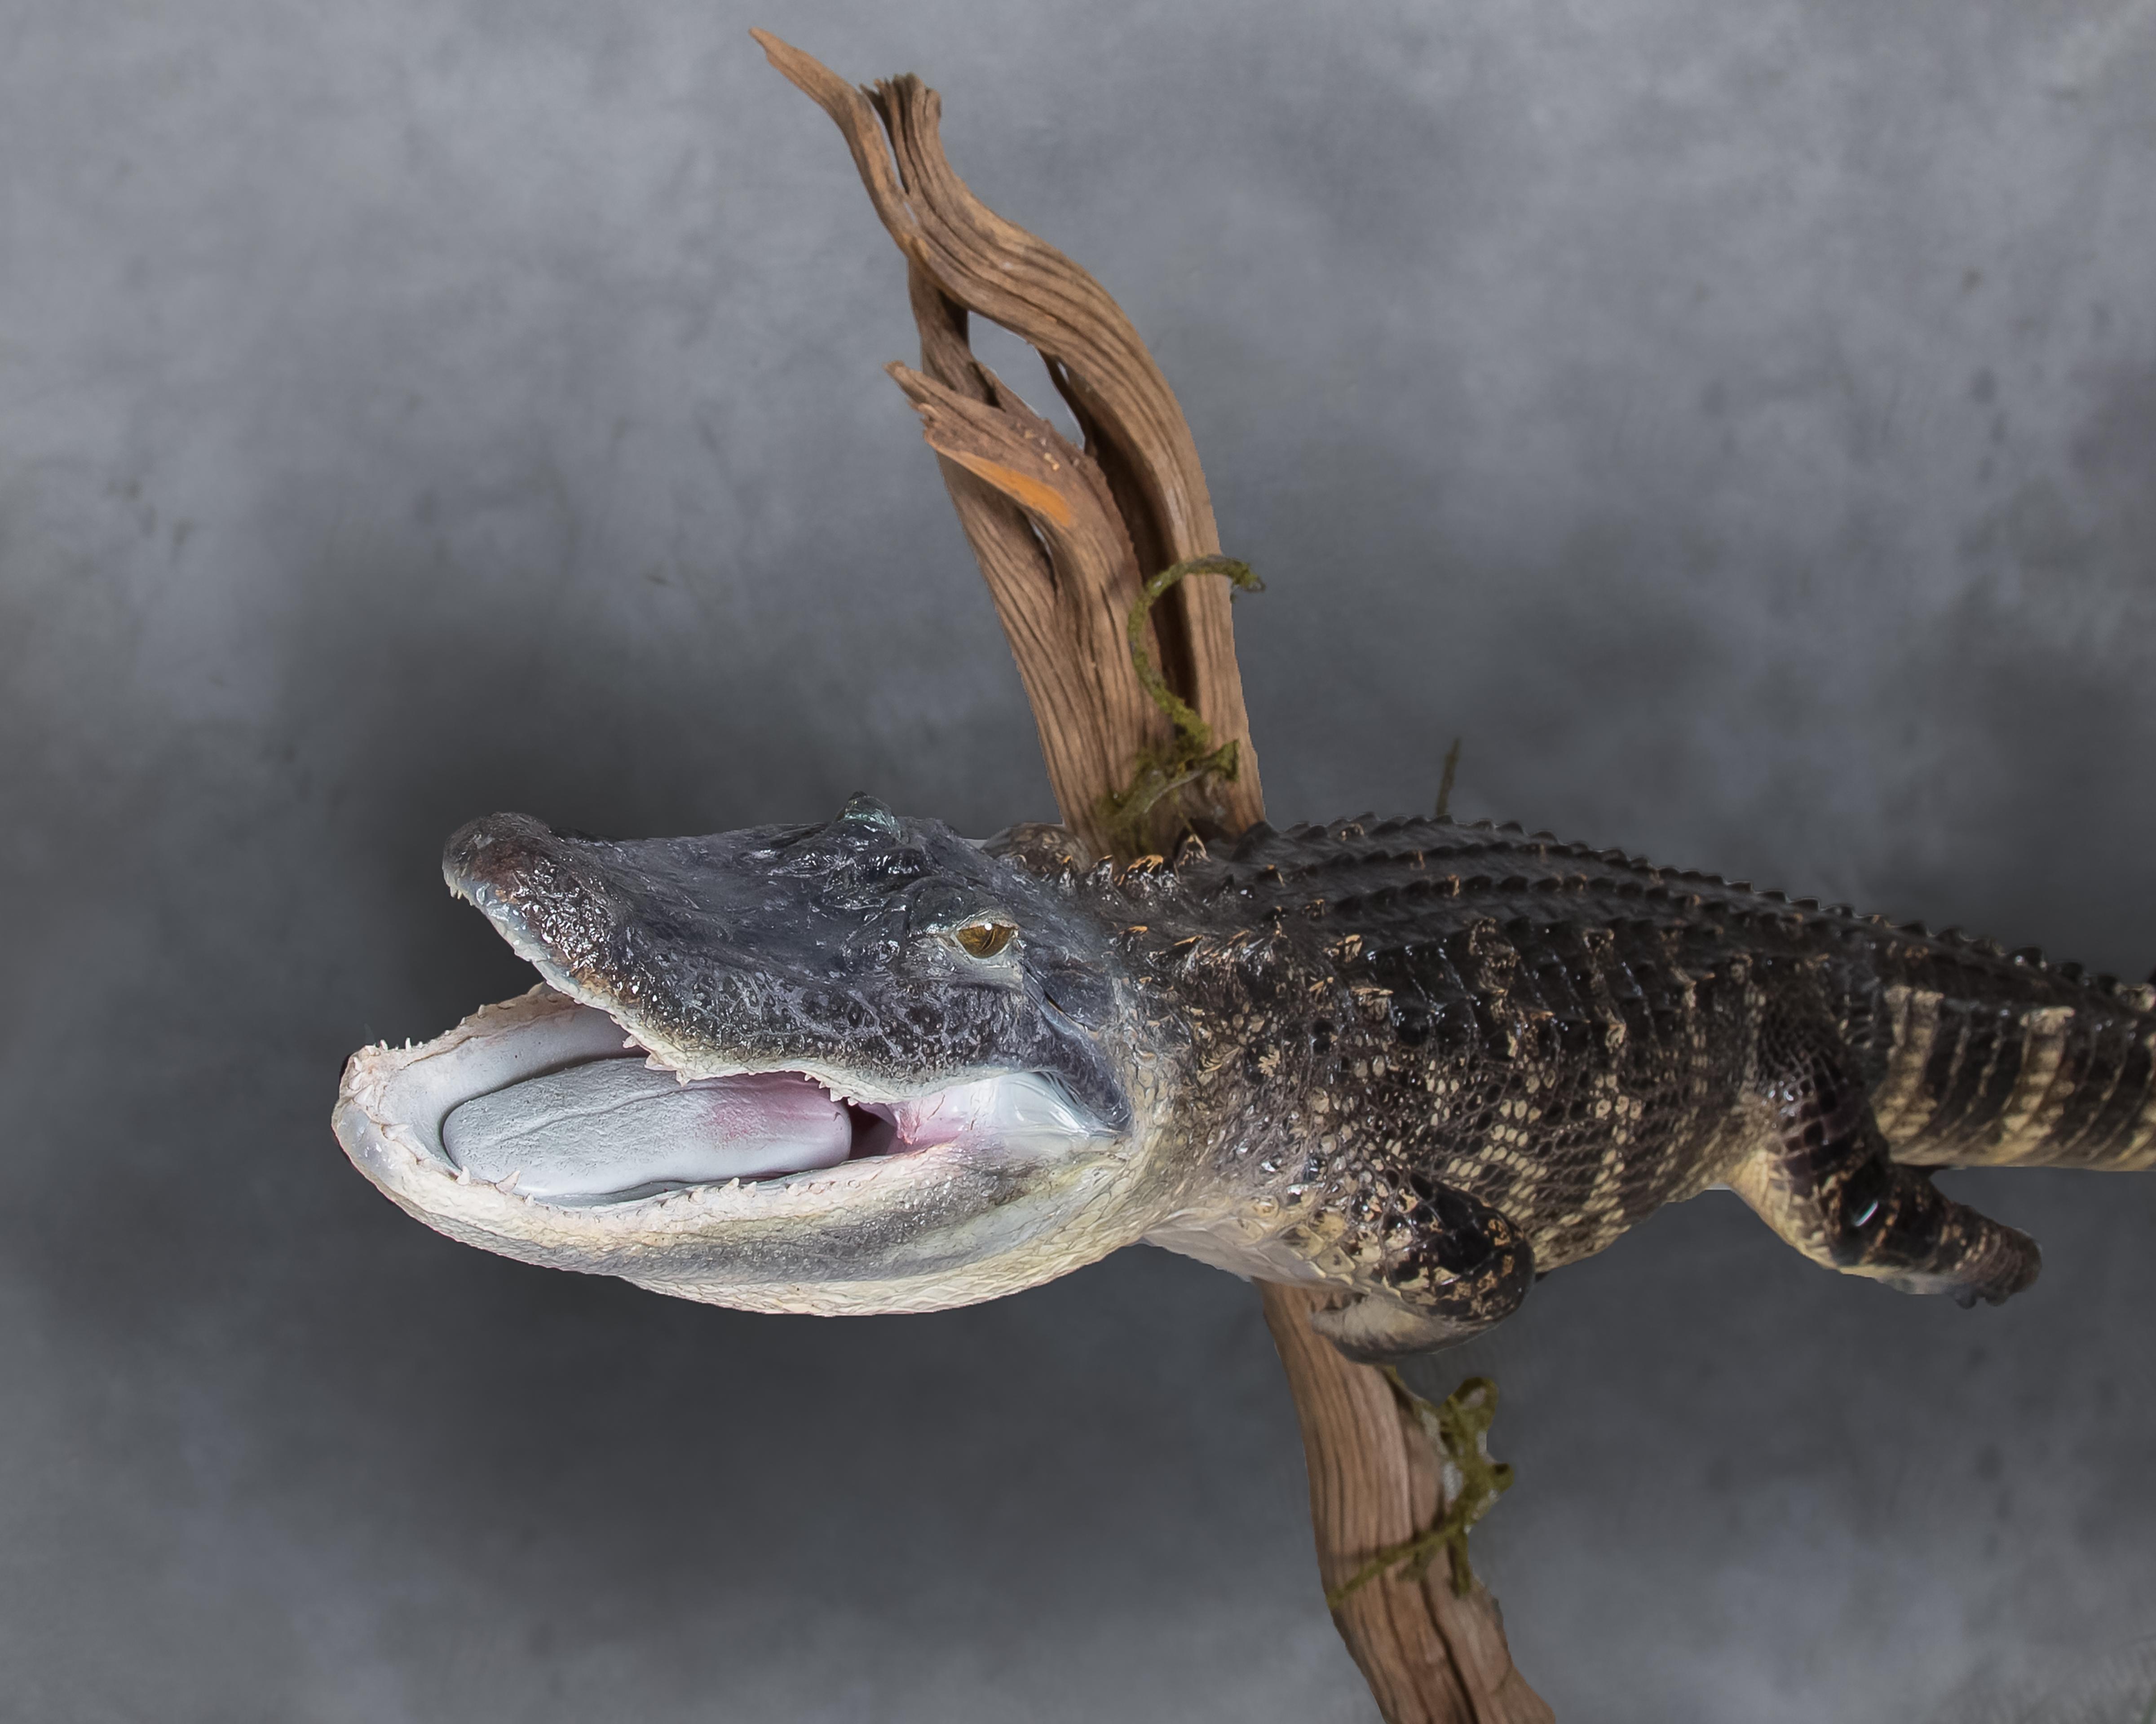 3 Alligator